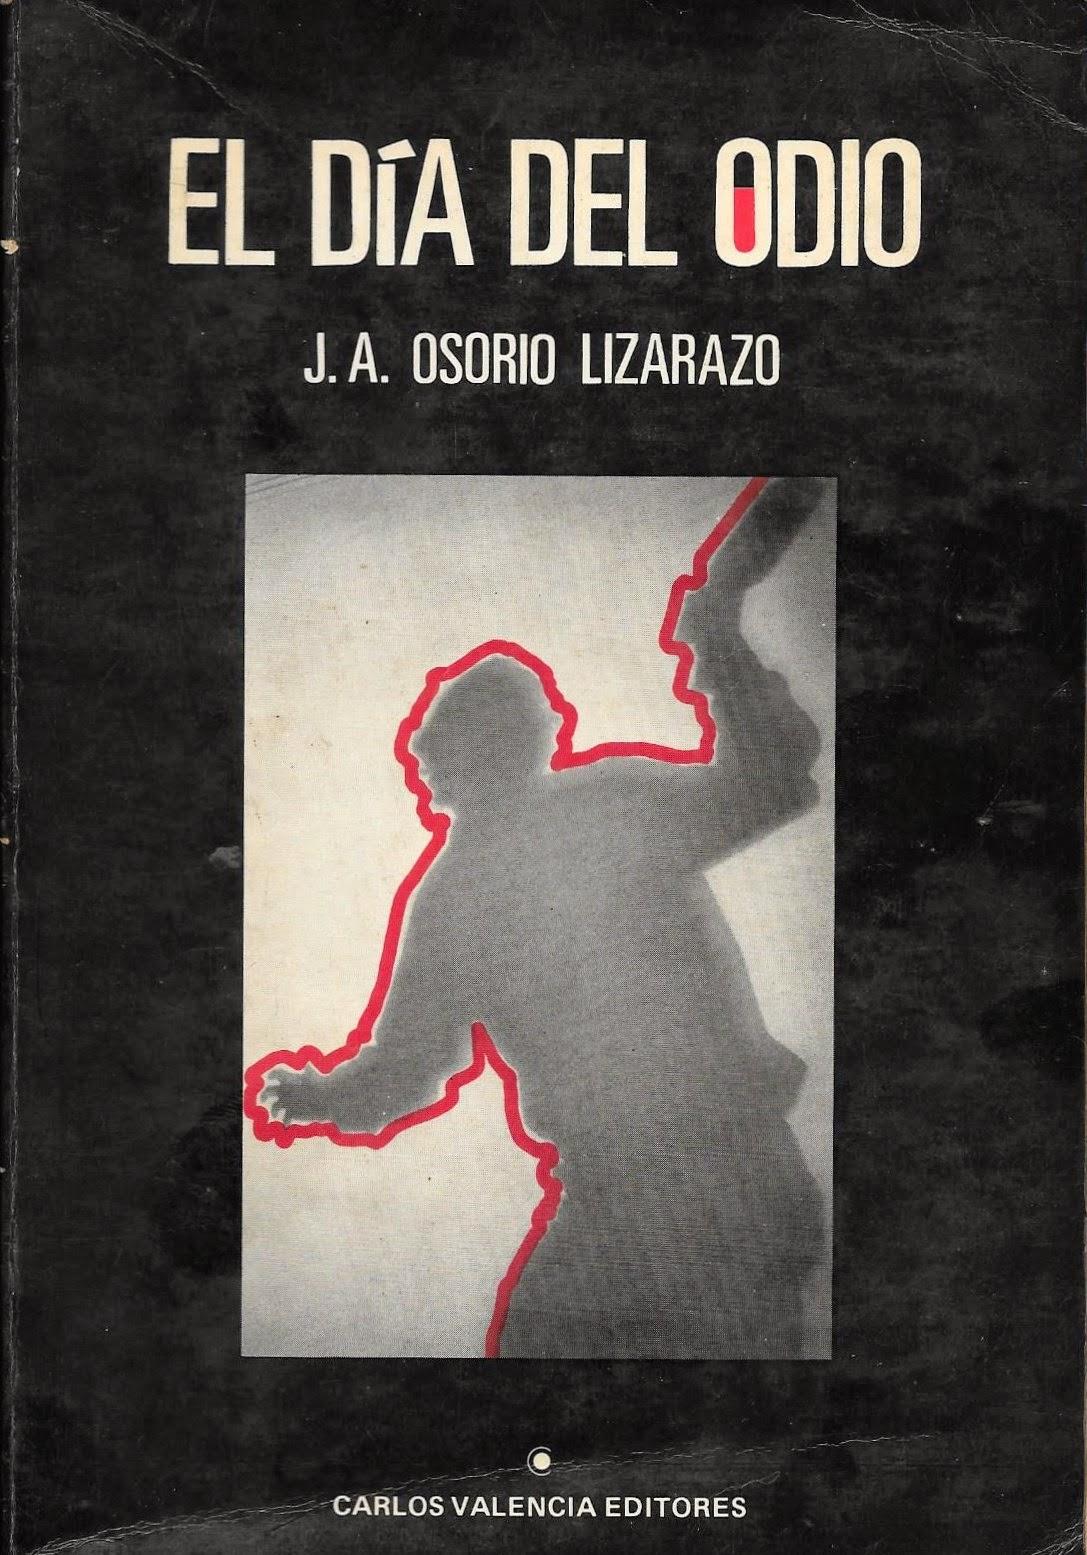 El día del ódio (1952) J. A. Osório Lizarazo